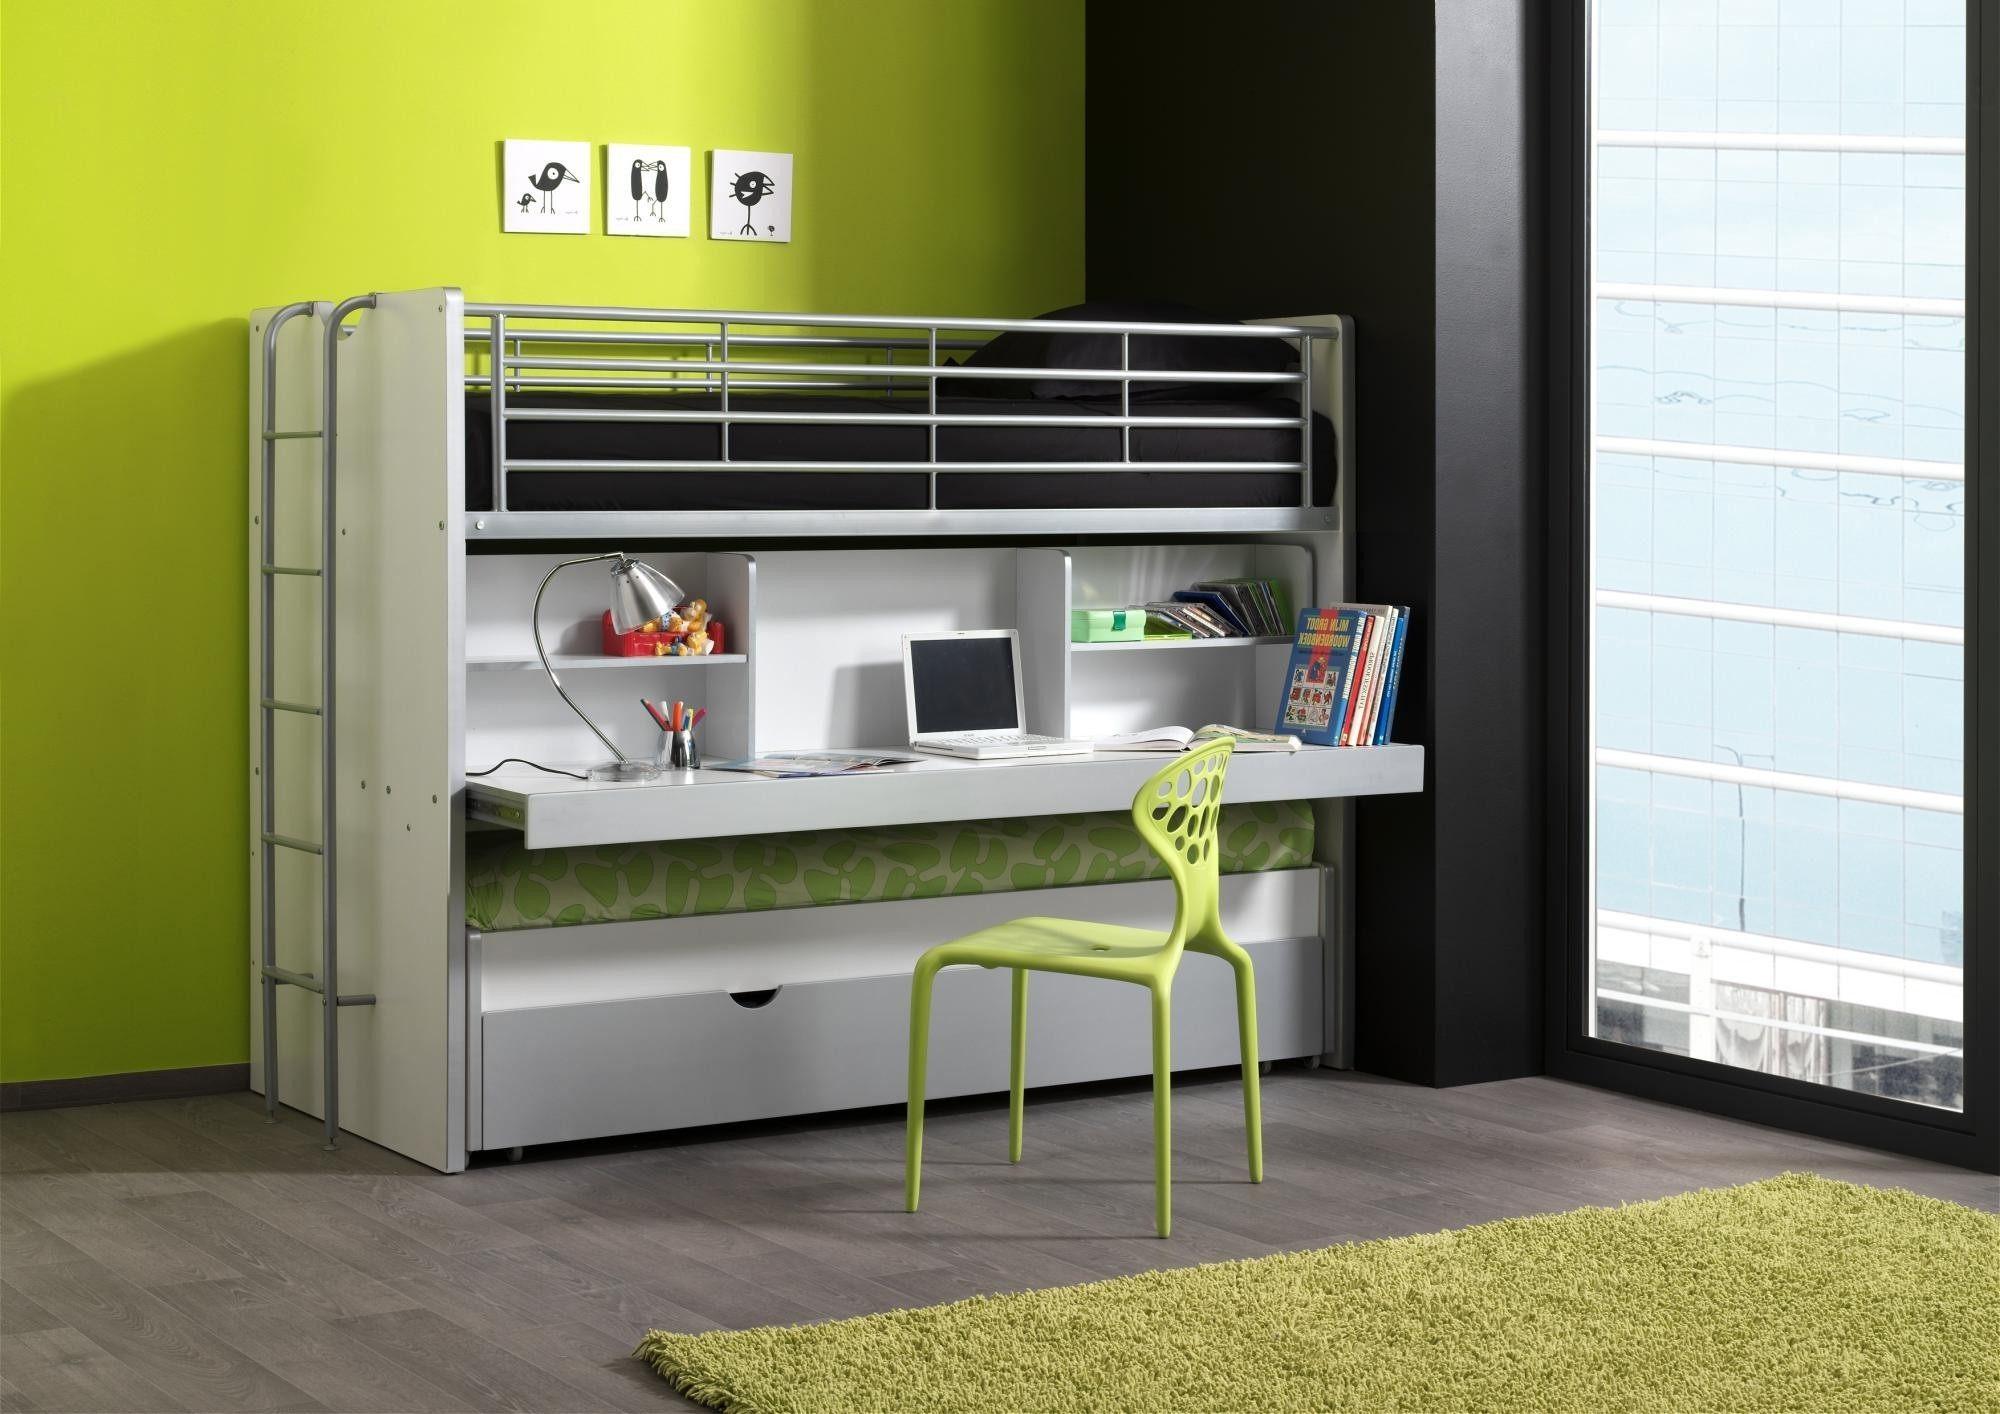 Lit Superposé Combiné Luxe Intéressant Lit Biné Armoire Bureau Ou Lit Biné Armoire Fresh Lit